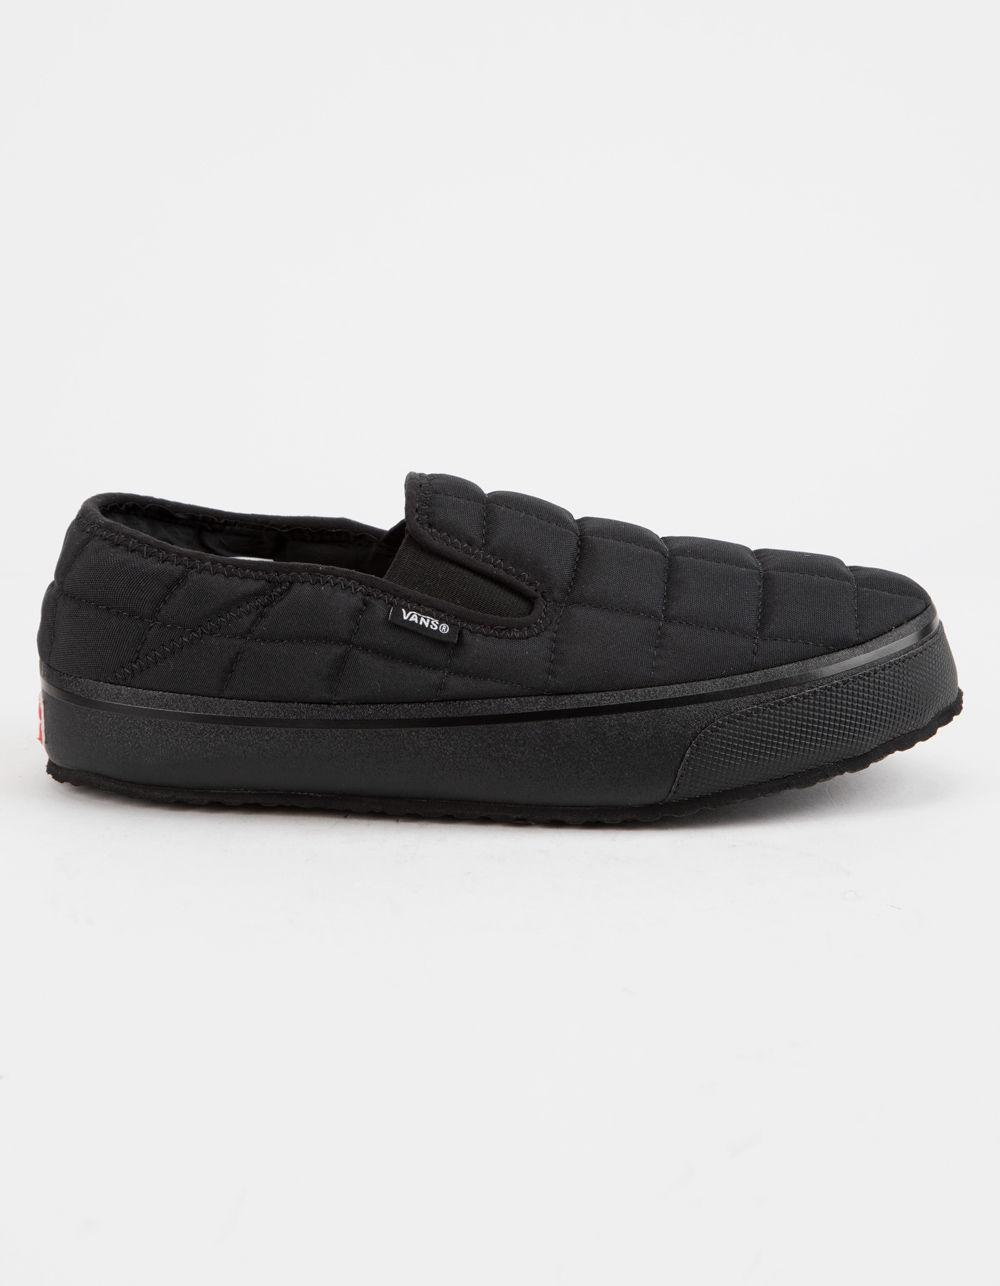 ad5e1f4825 Lyst - Vans Slip-er Black Slippers in Black for Men